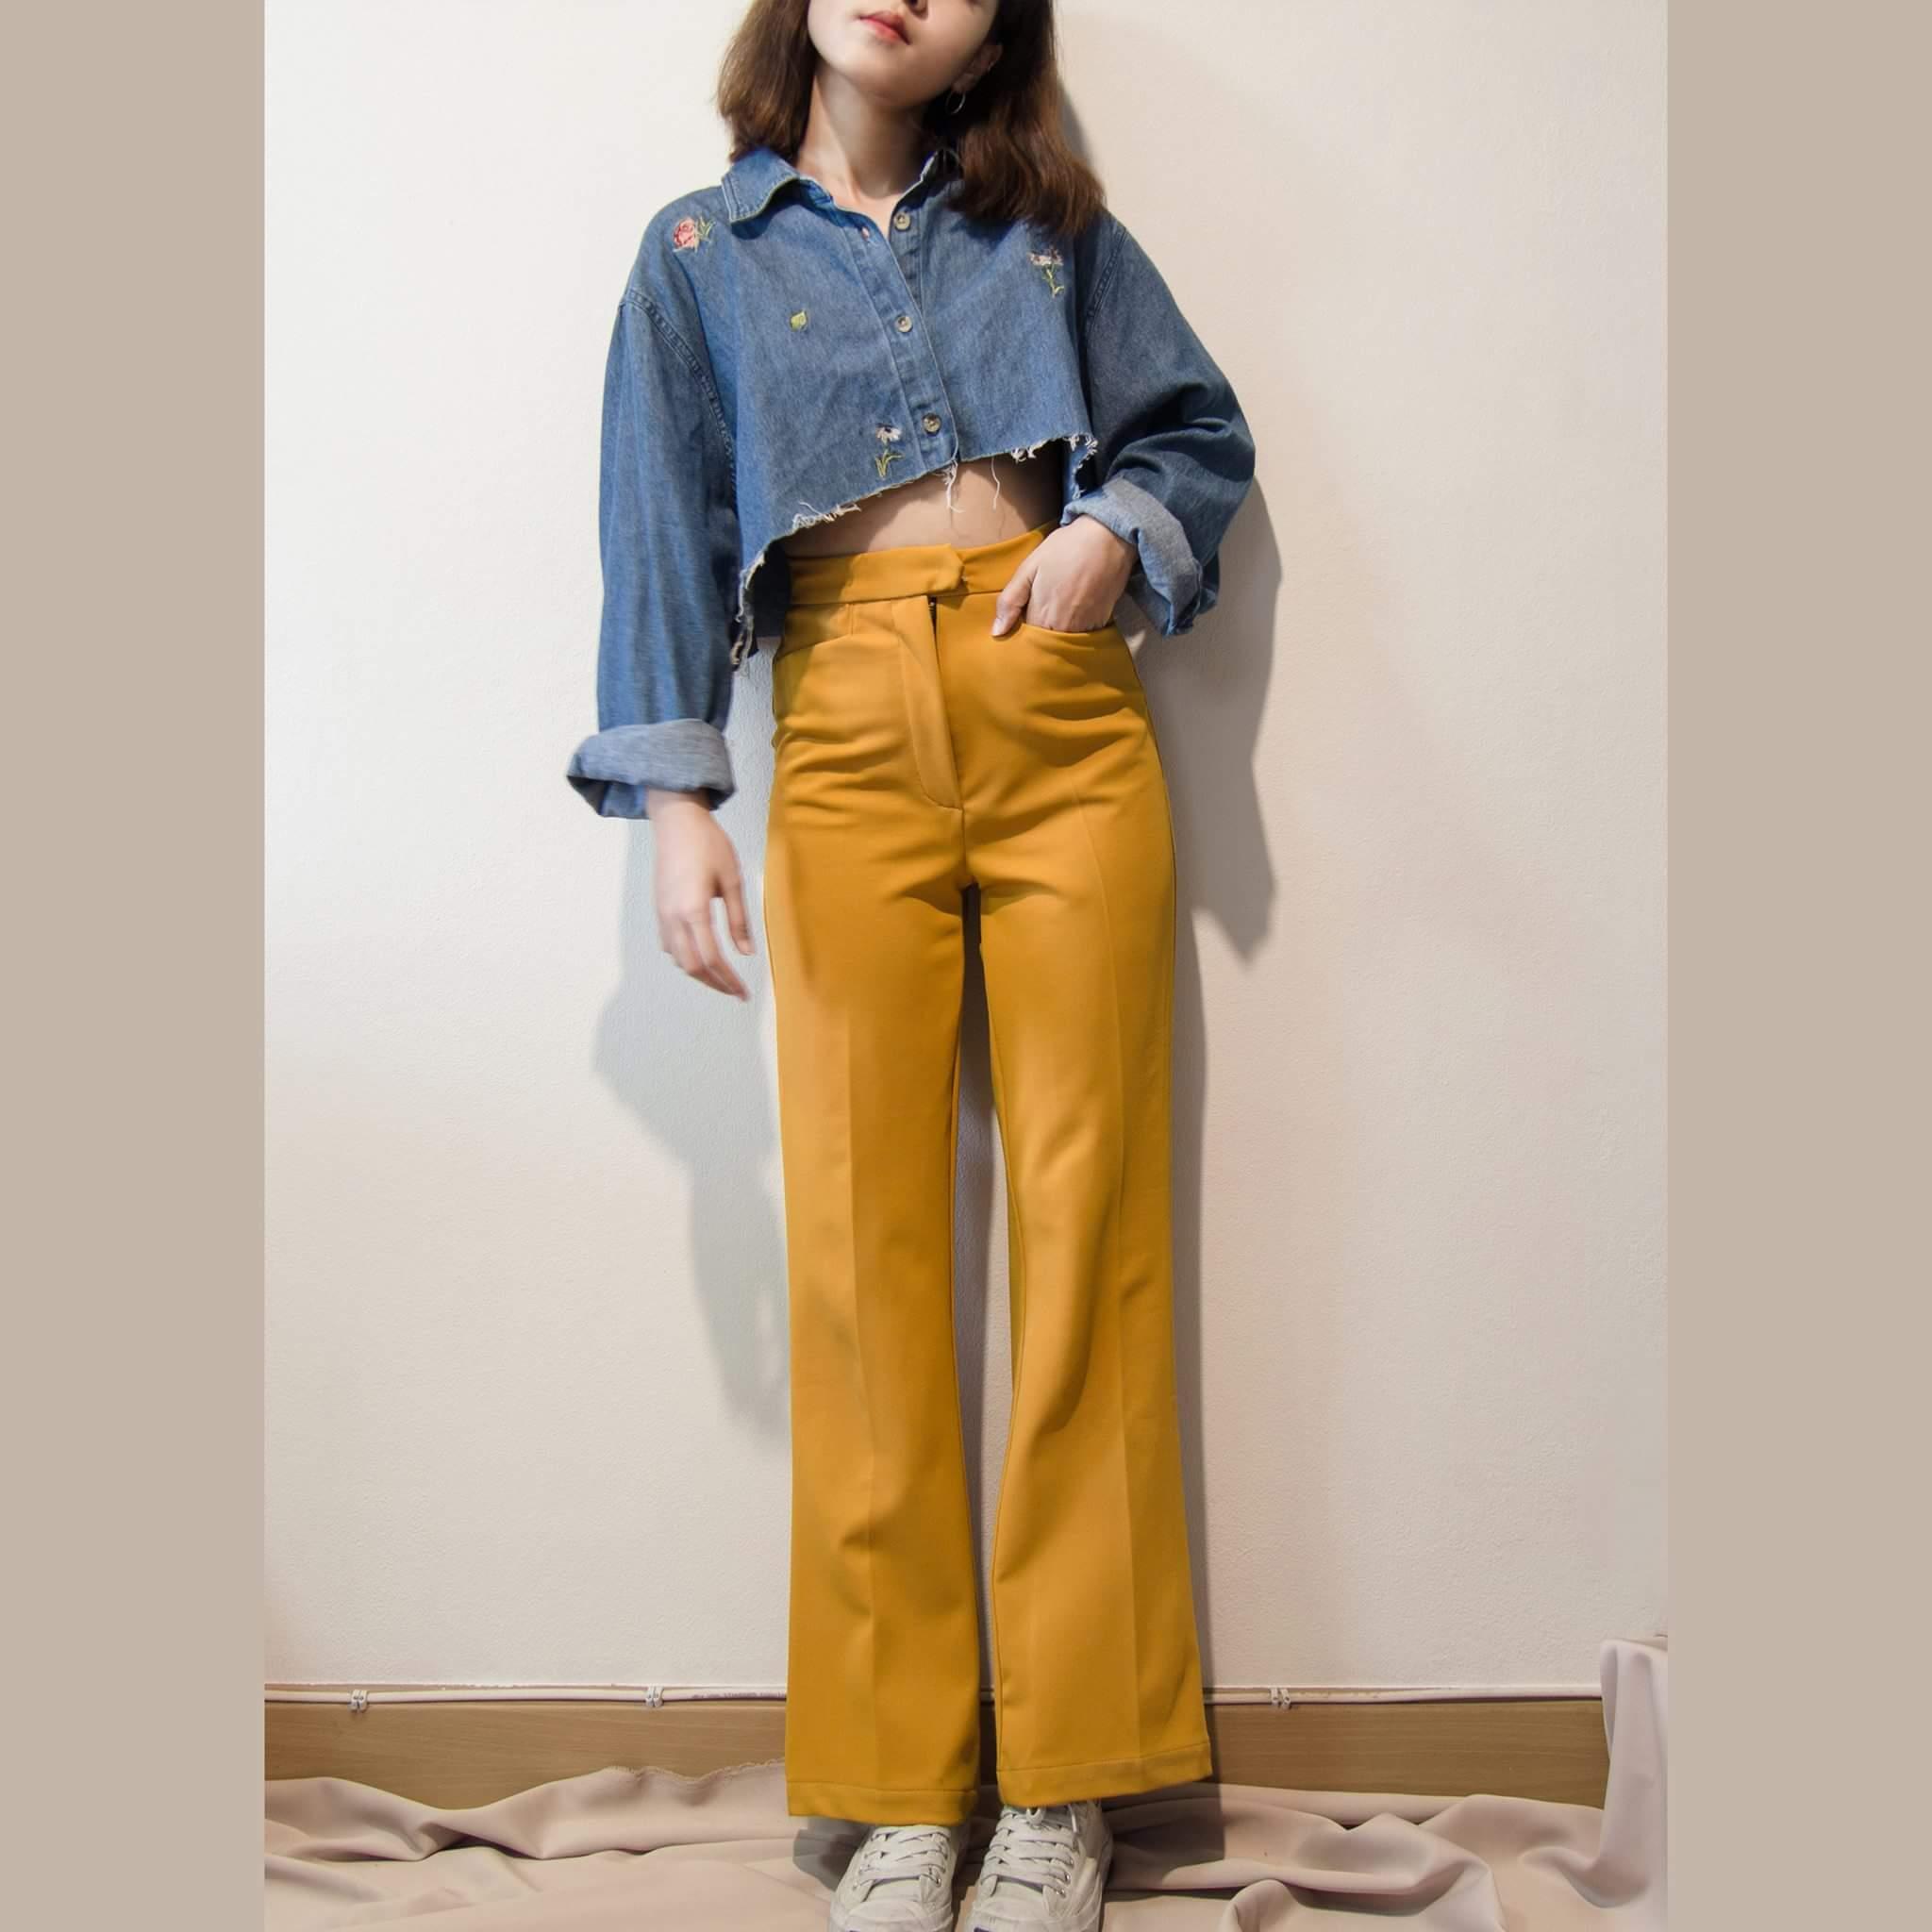 กางเกง,กางเกงขายาว,กางเกงเอวสูง,กางเกงผู้หญิง,กางเกงขายาวผู้หญิง